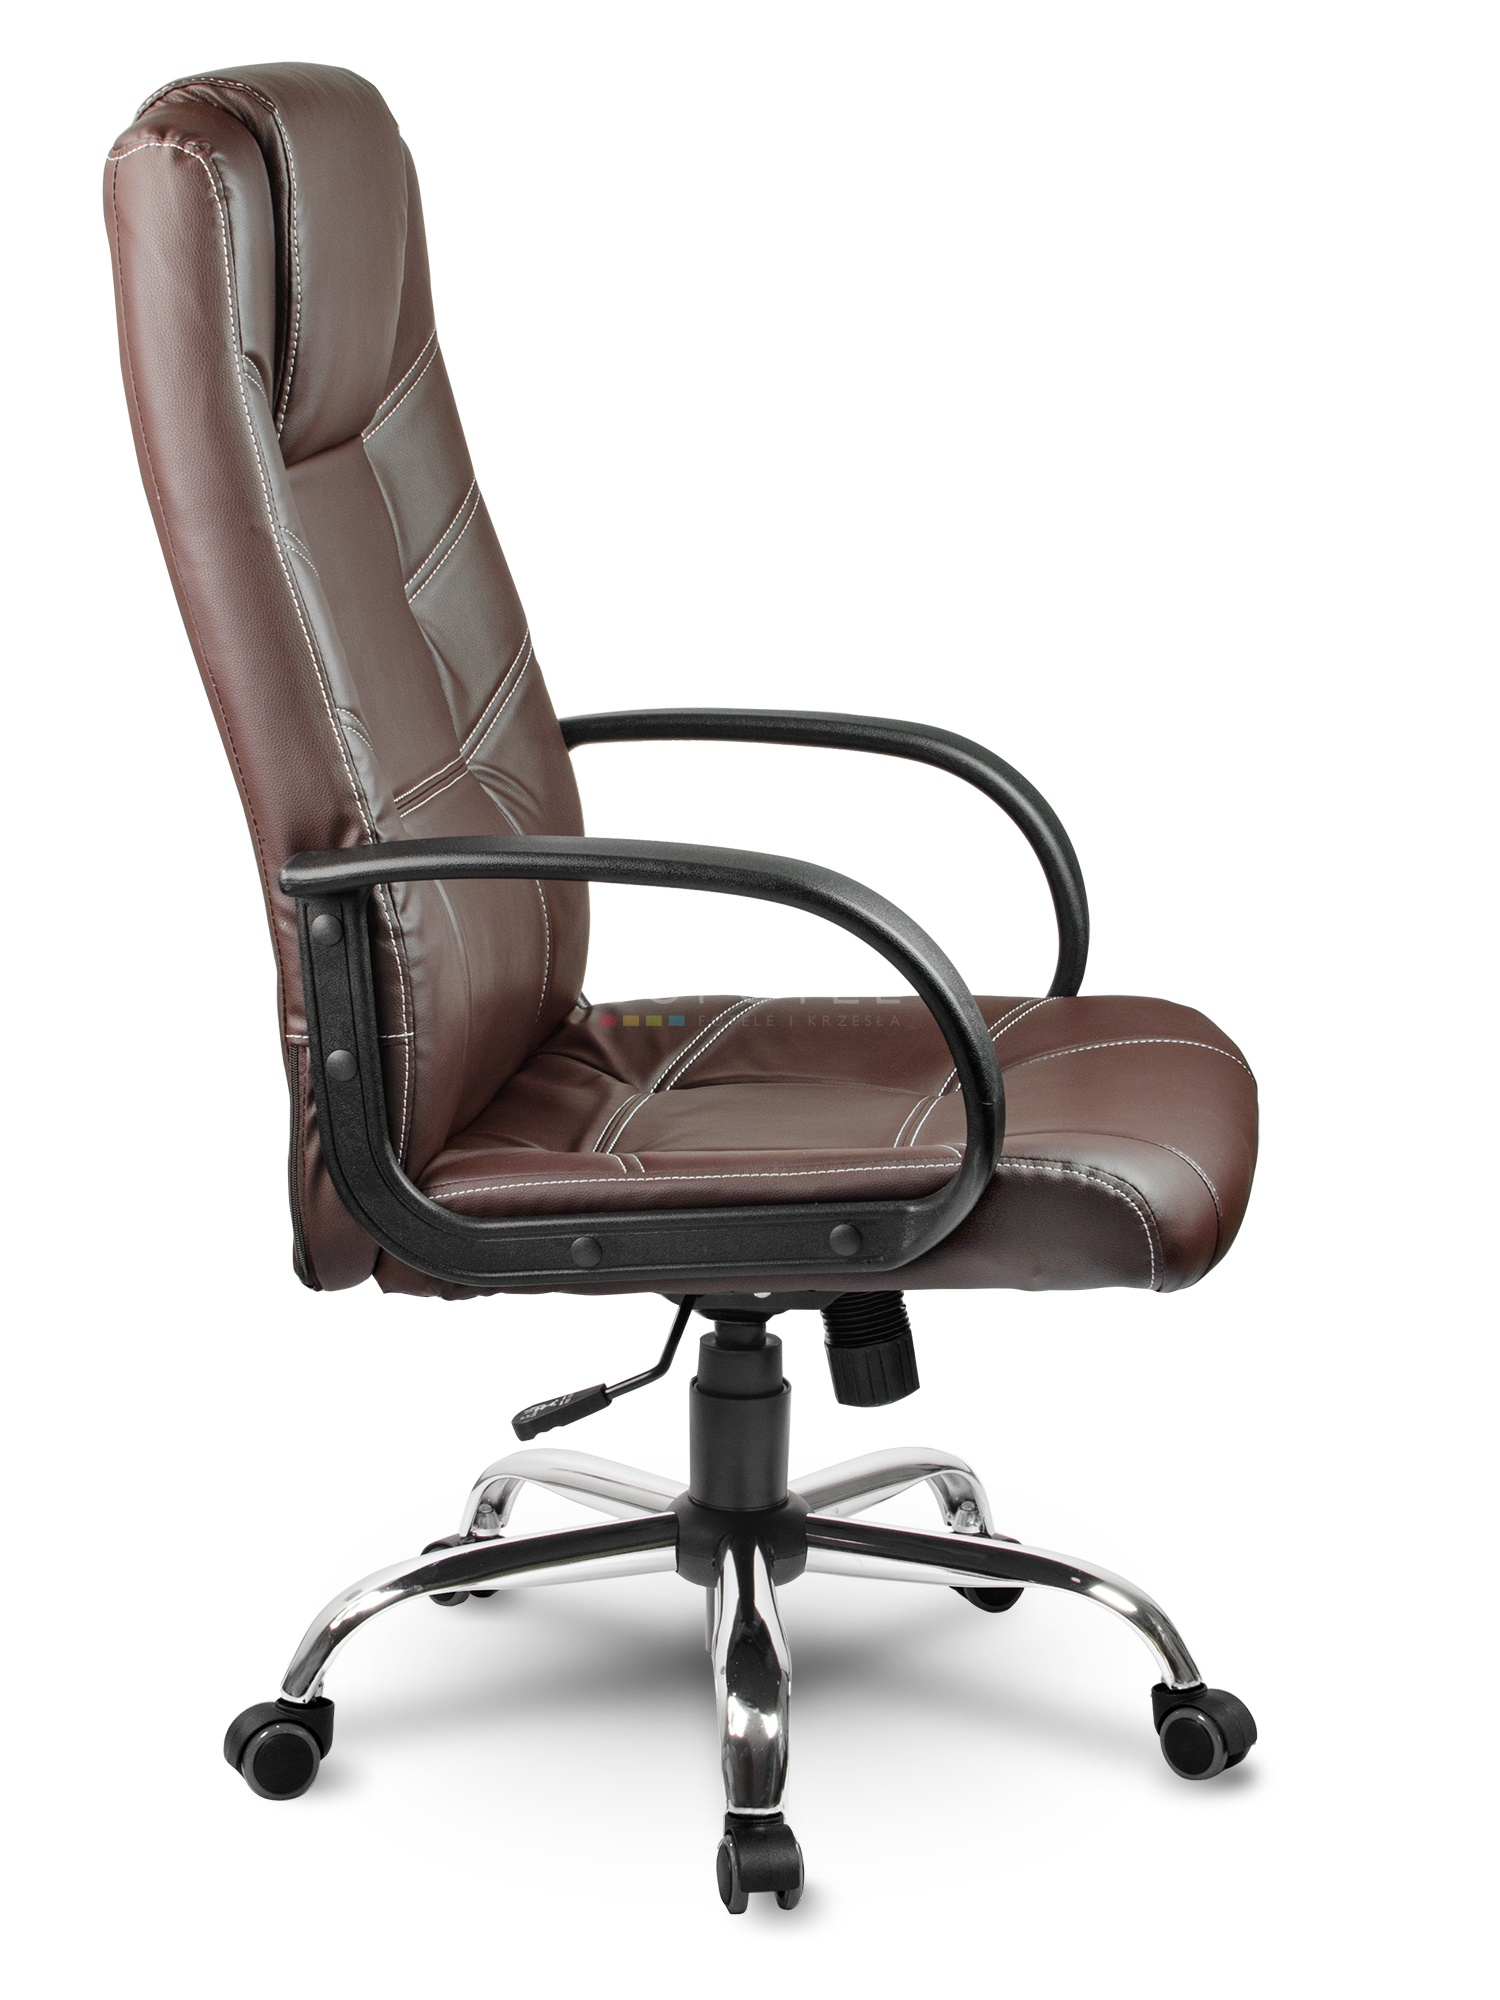 Modish Fotel biurowy skórzany Sofotel EG-221 brązowy WF21